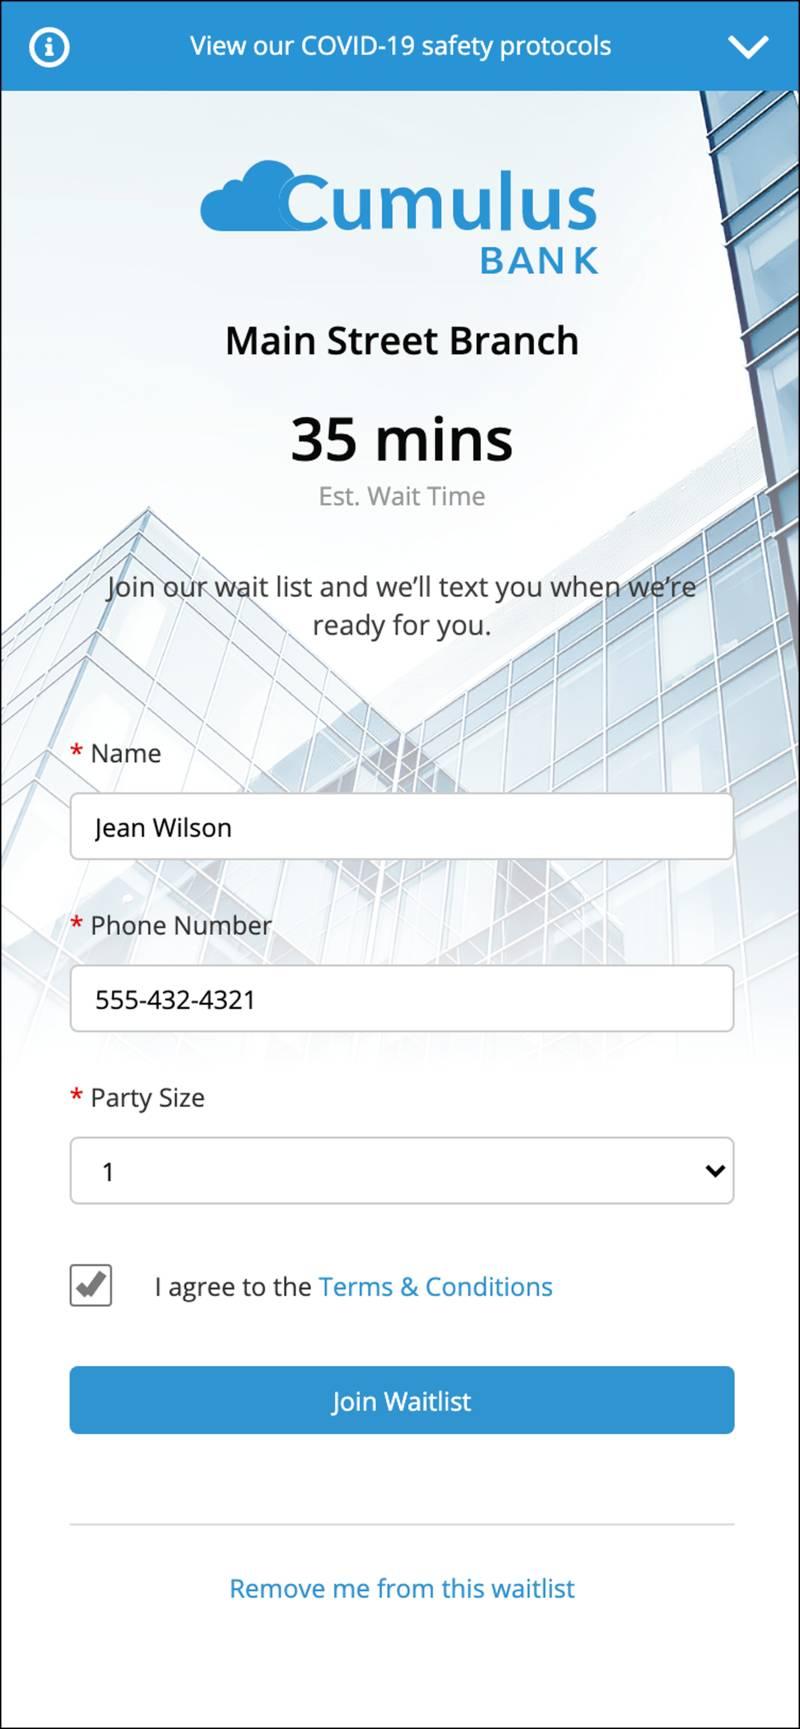 Página de inscrição na lista de espera no celular